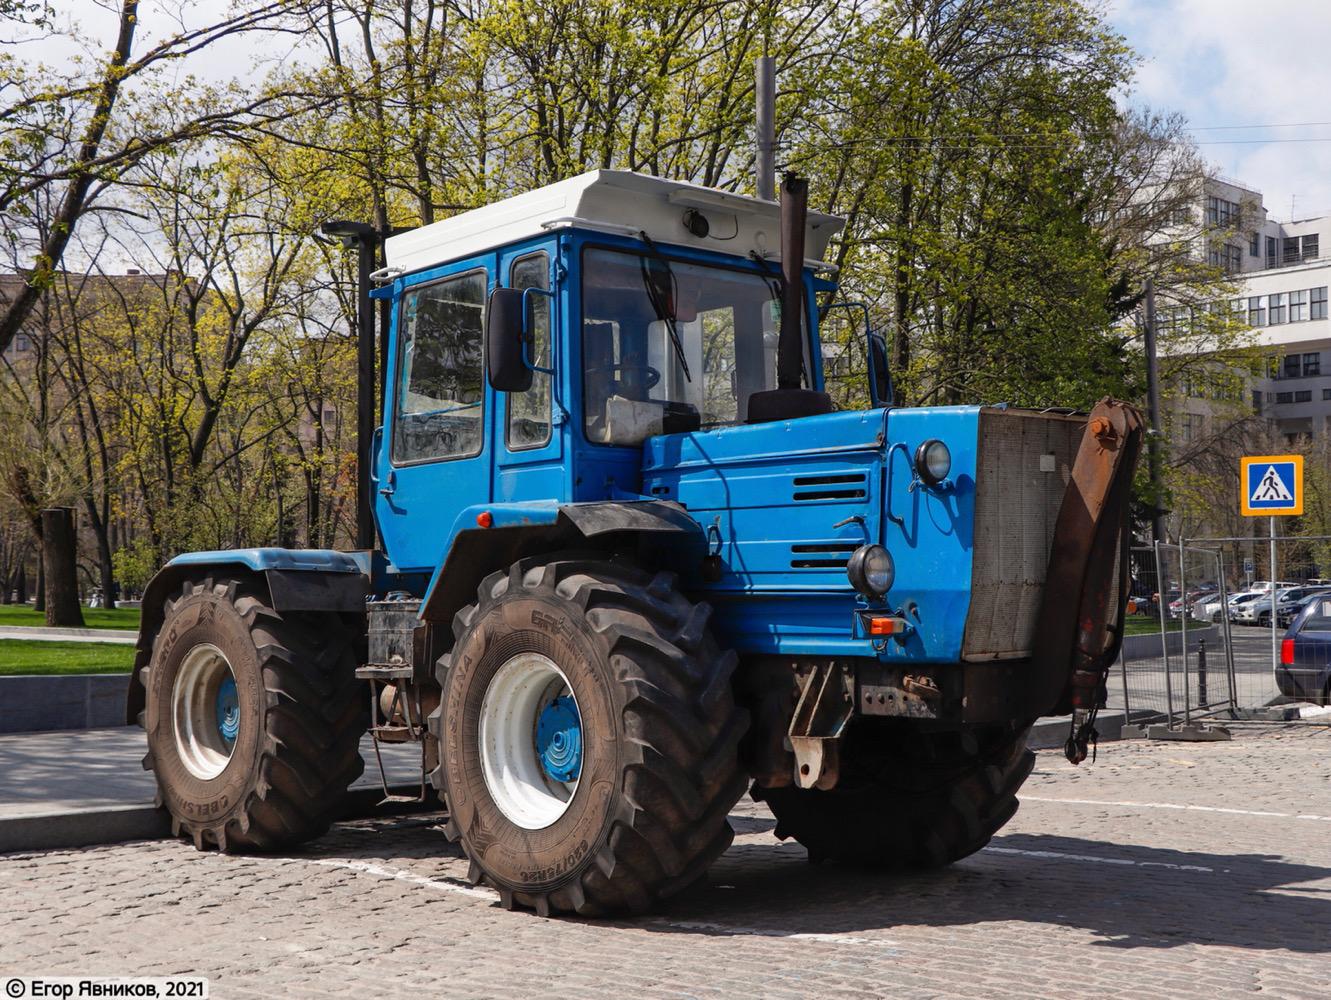 Трактор ХТЗ-17221, #0010ТН. Харьковская обл., г. Харьков, пл. Свободы